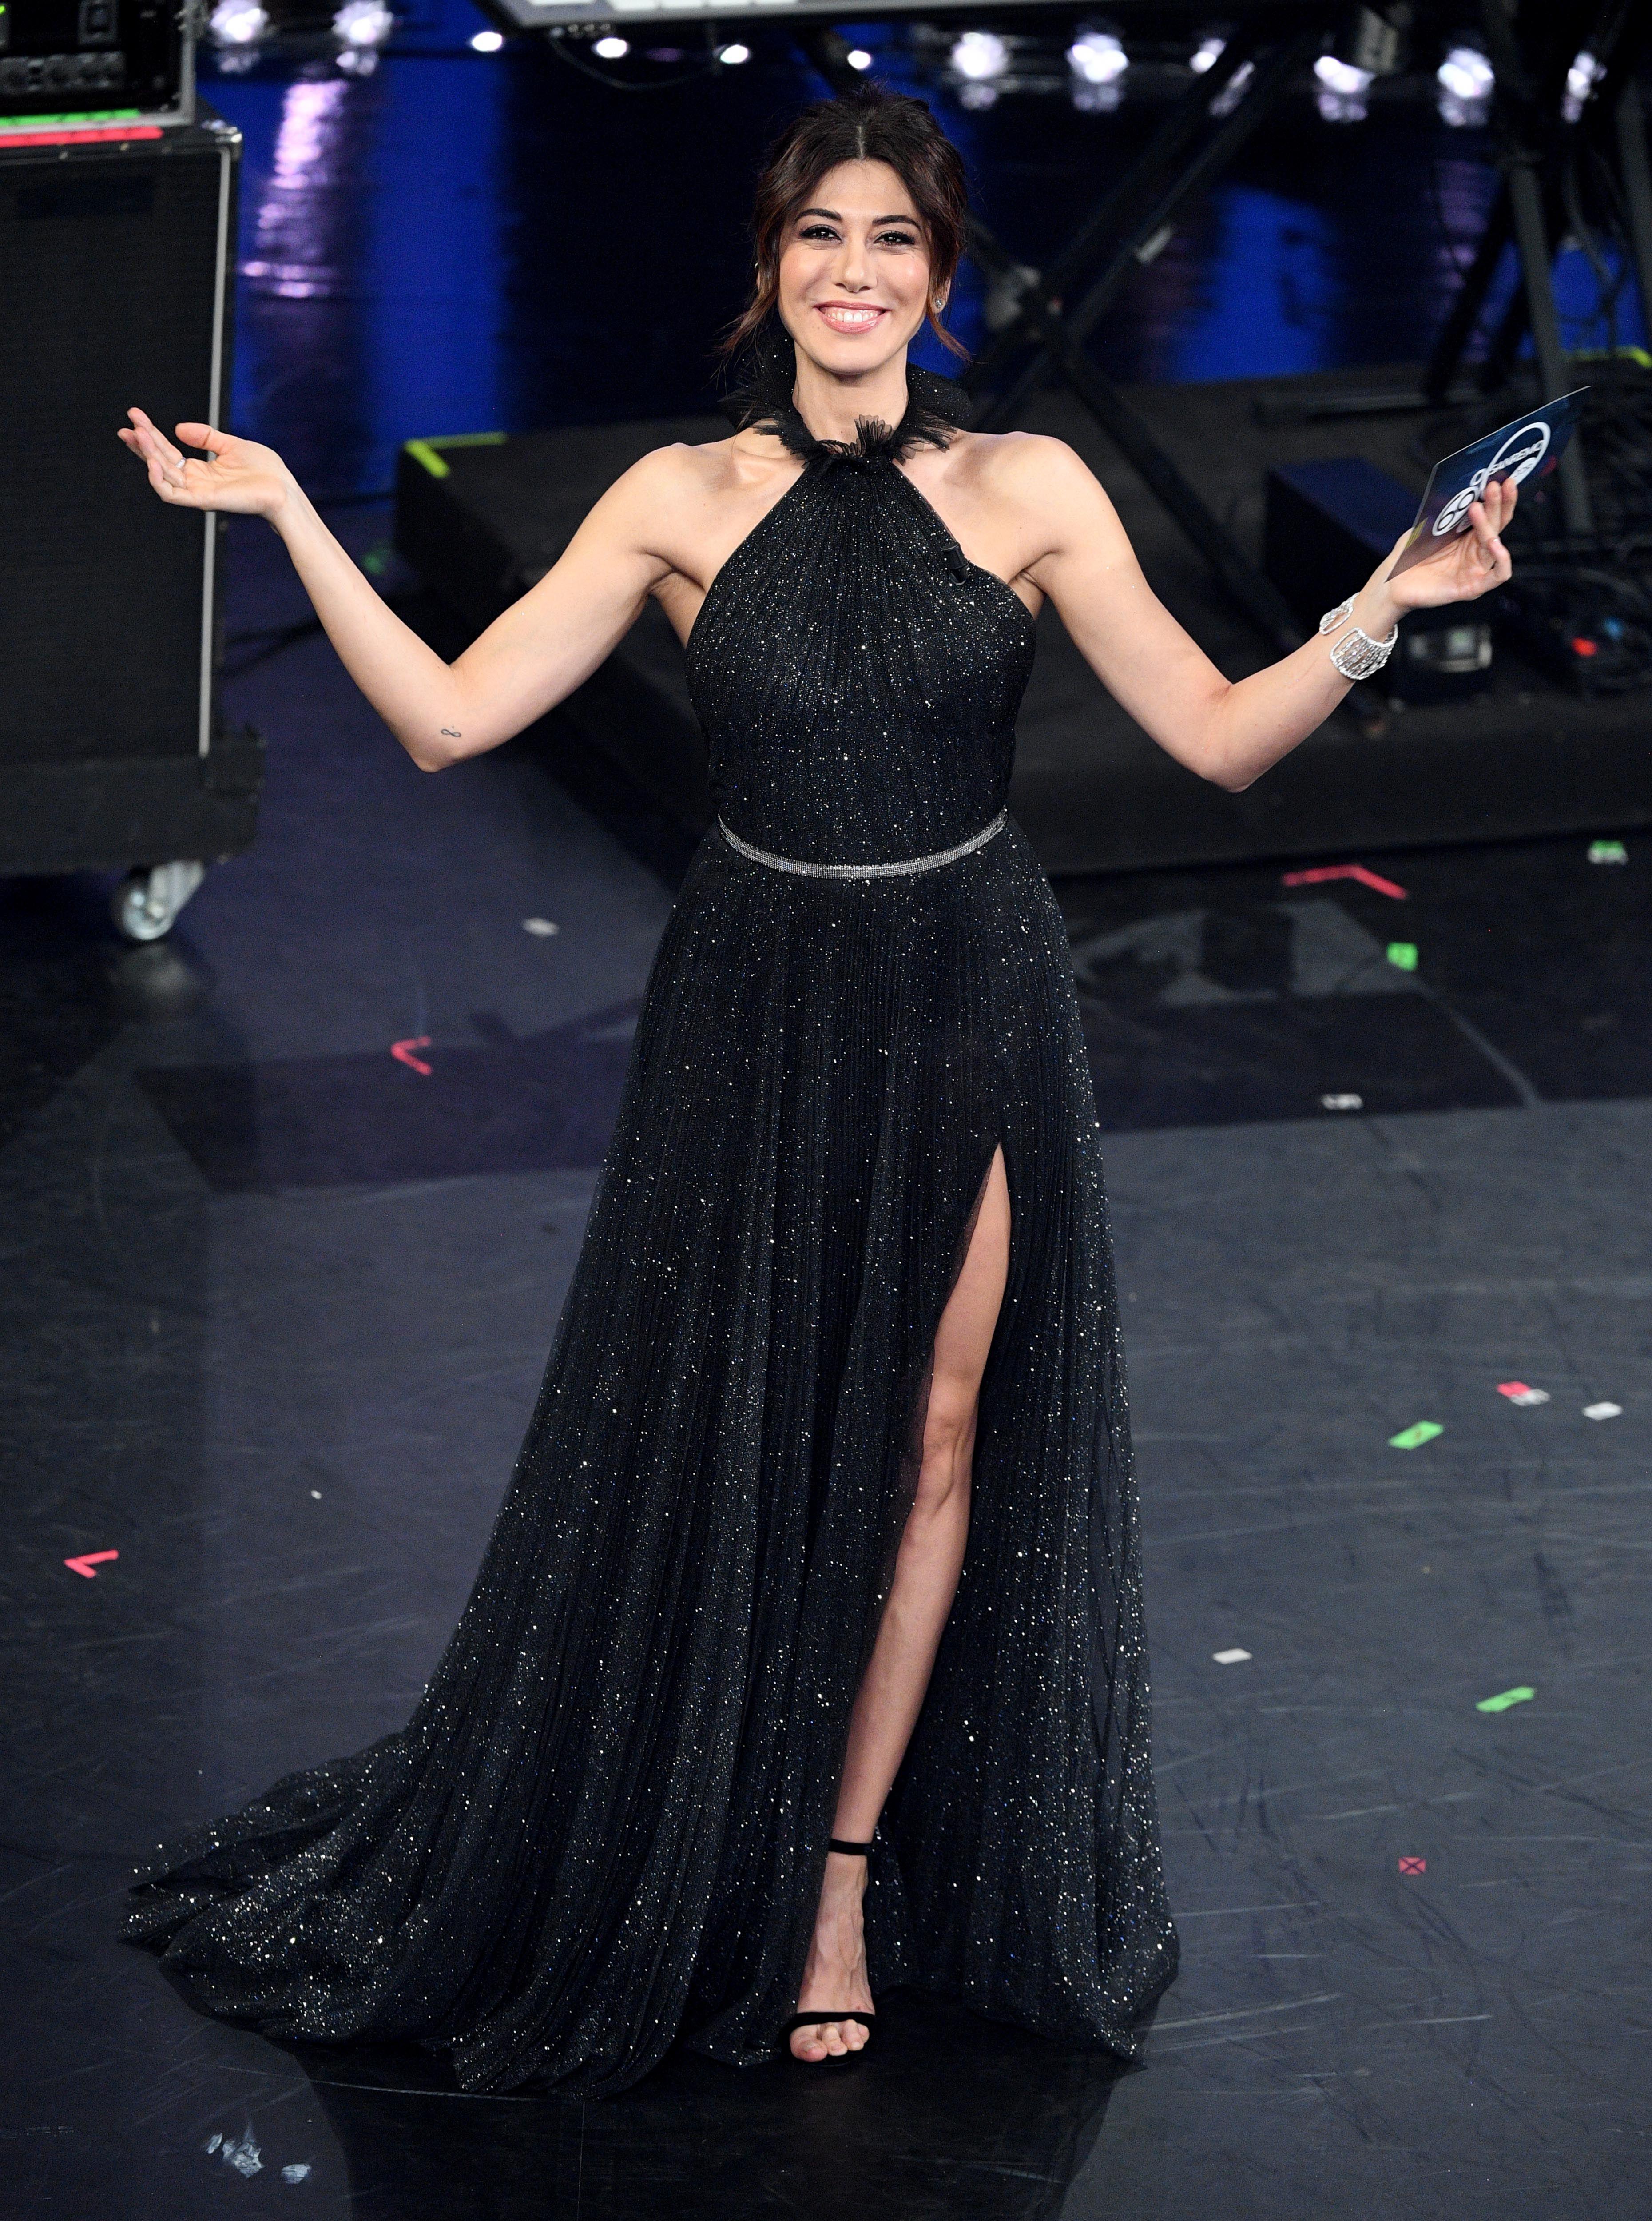 Quarta 2019 Vestiti Sanremo Di Della Raffaele I Serata Virginia xqwA4IvUn